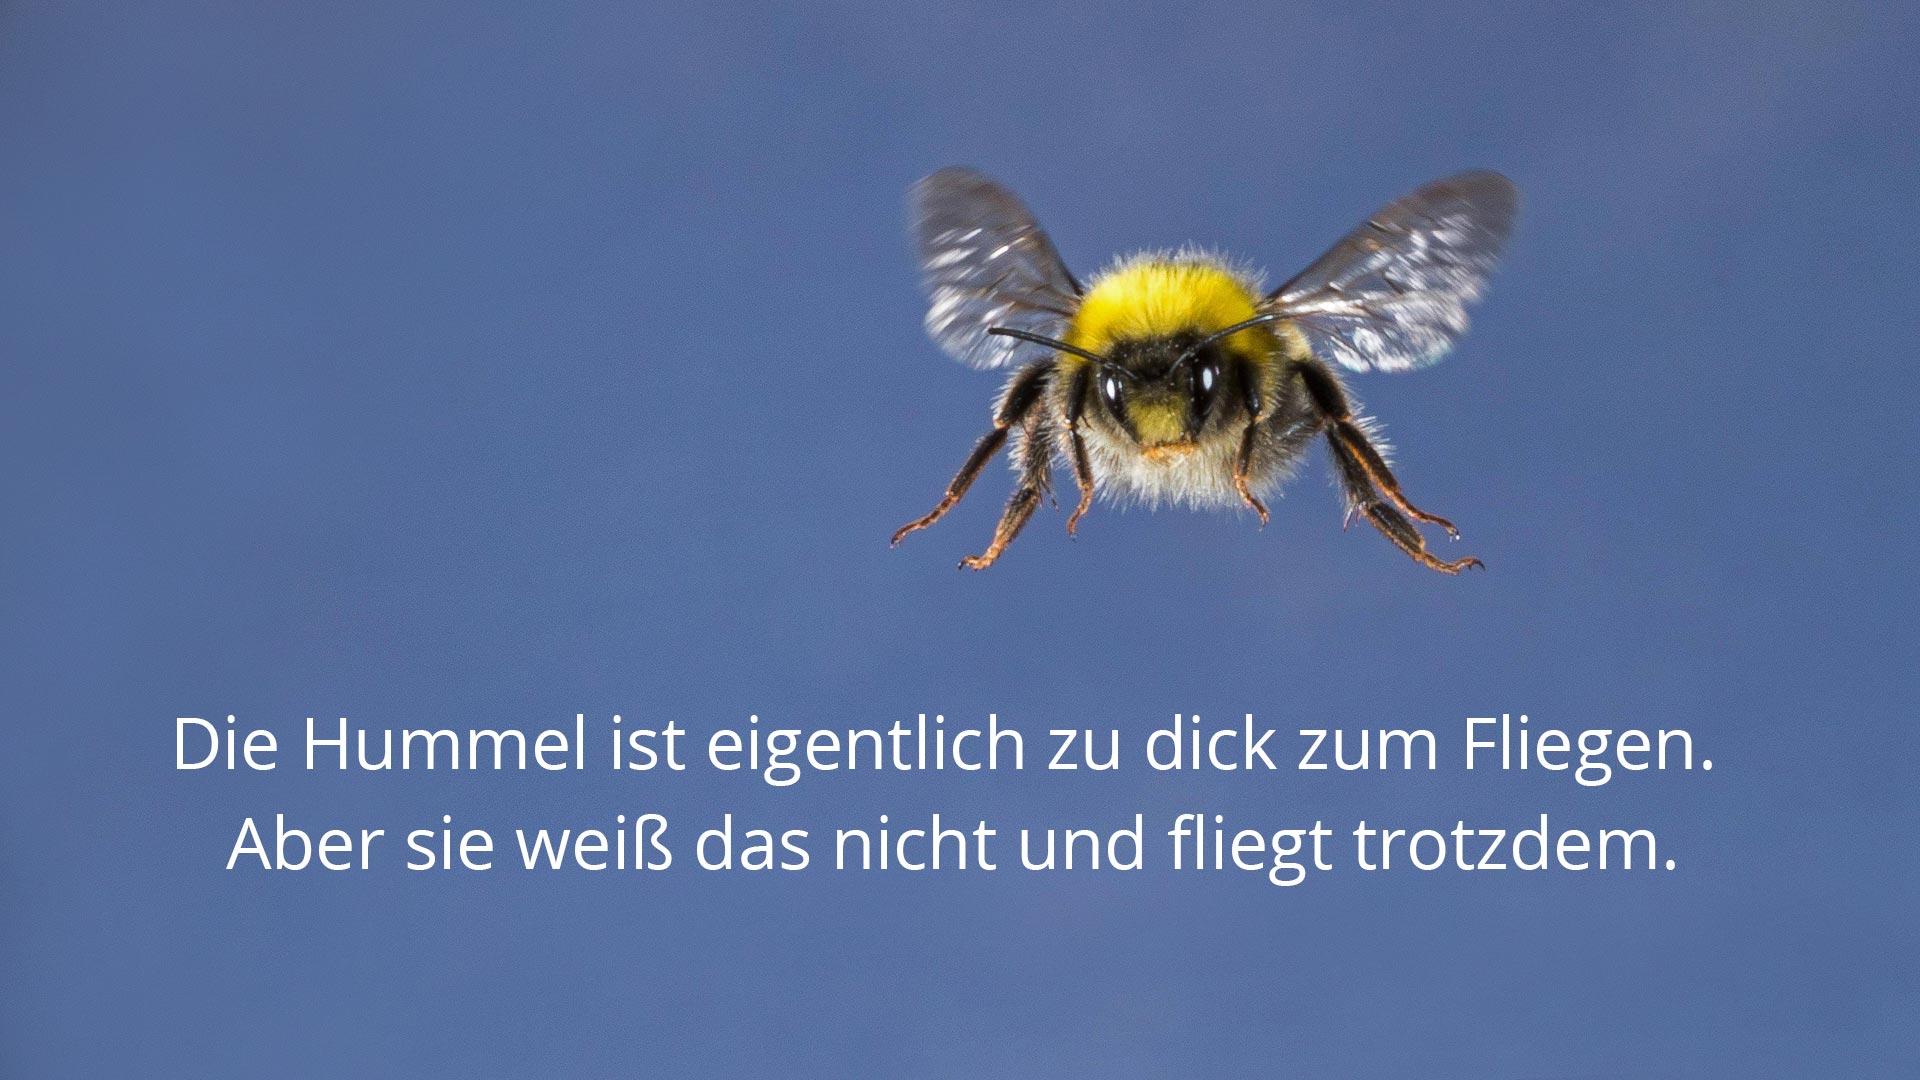 Das Hummel-Paradoxon besagt, dass die Brummer nach Gesetzen der Aerodynamik nicht fliegen können dürften. Das stimmt aber nicht.